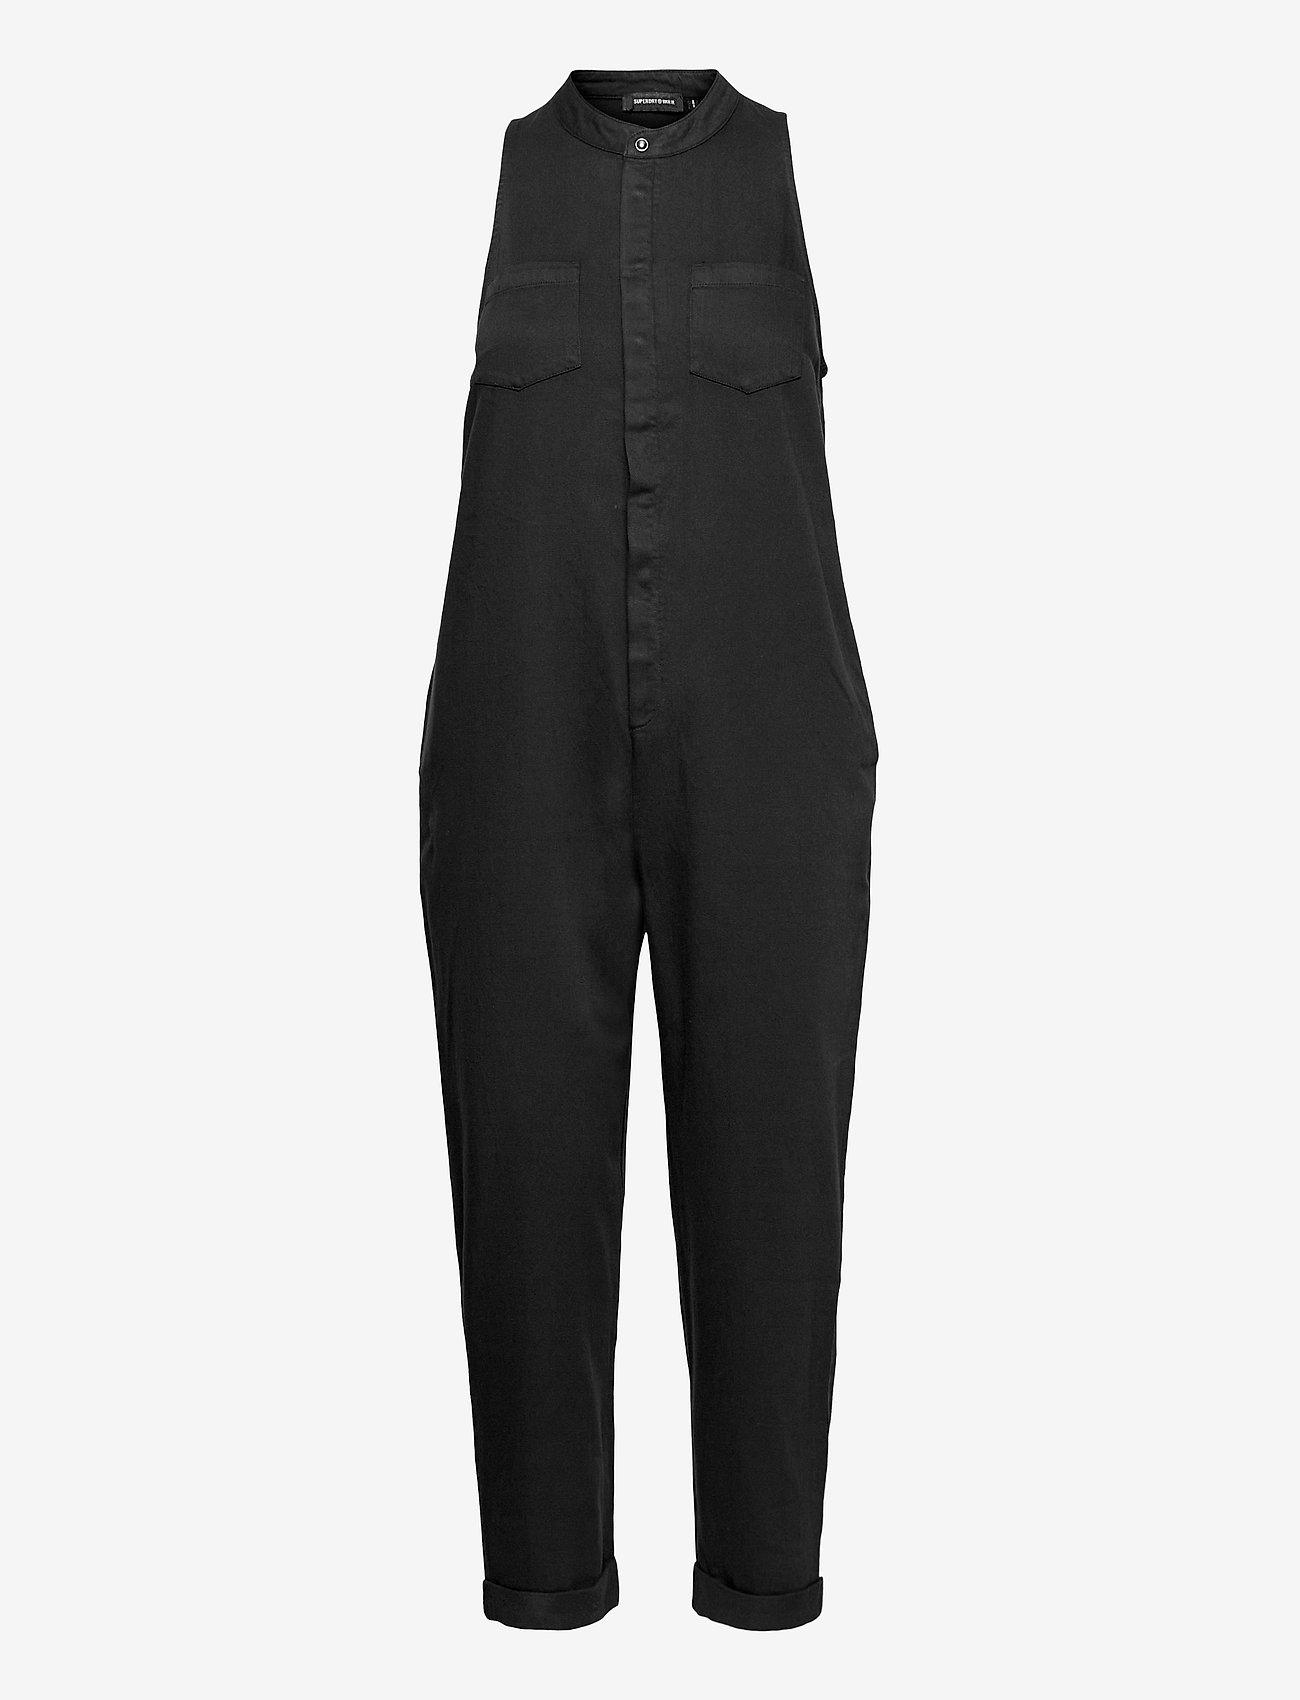 Superdry - SLEEVELESS JUMPSUIT - clothing - black wash - 0